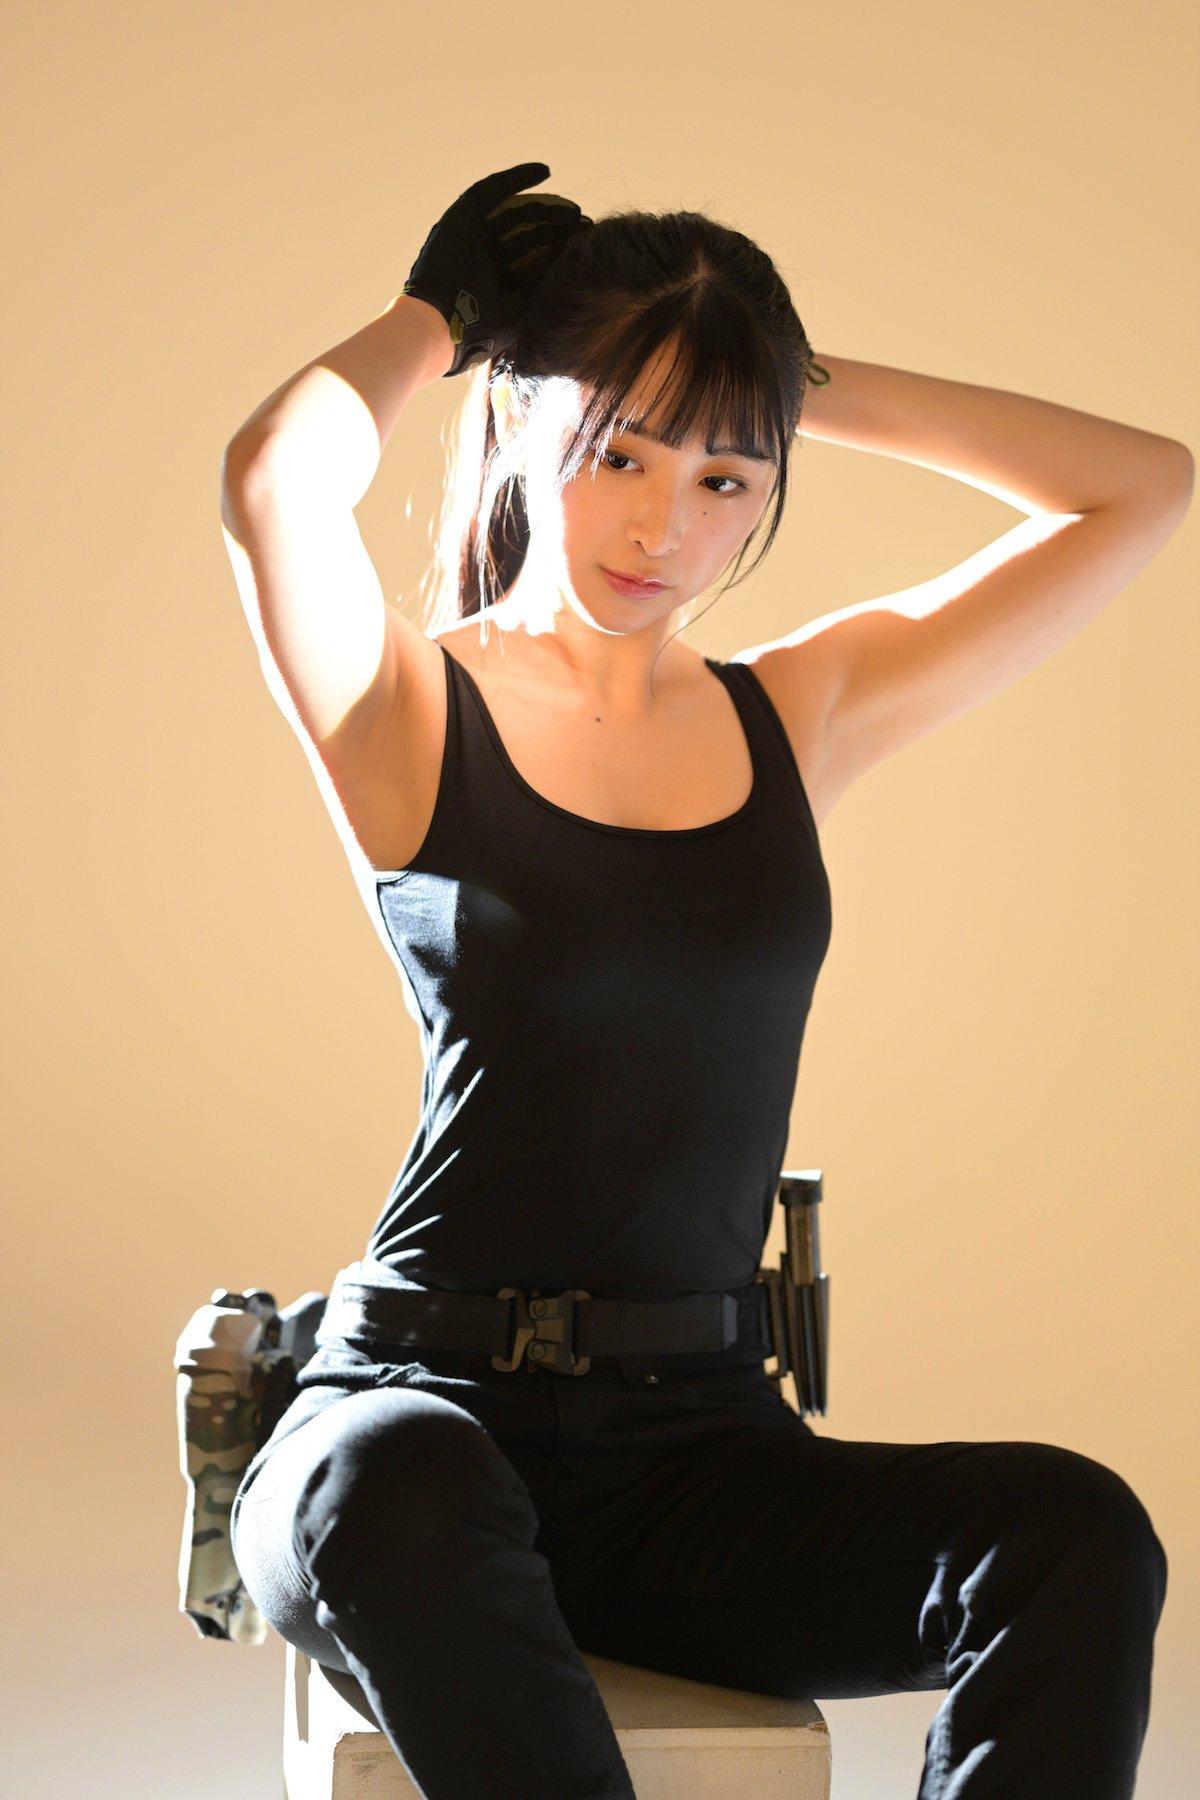 「タンクトップで銃撃戦!?」真島なおみが『月刊アームズ・マガジン』表紙に登場!【画像10枚】の画像007